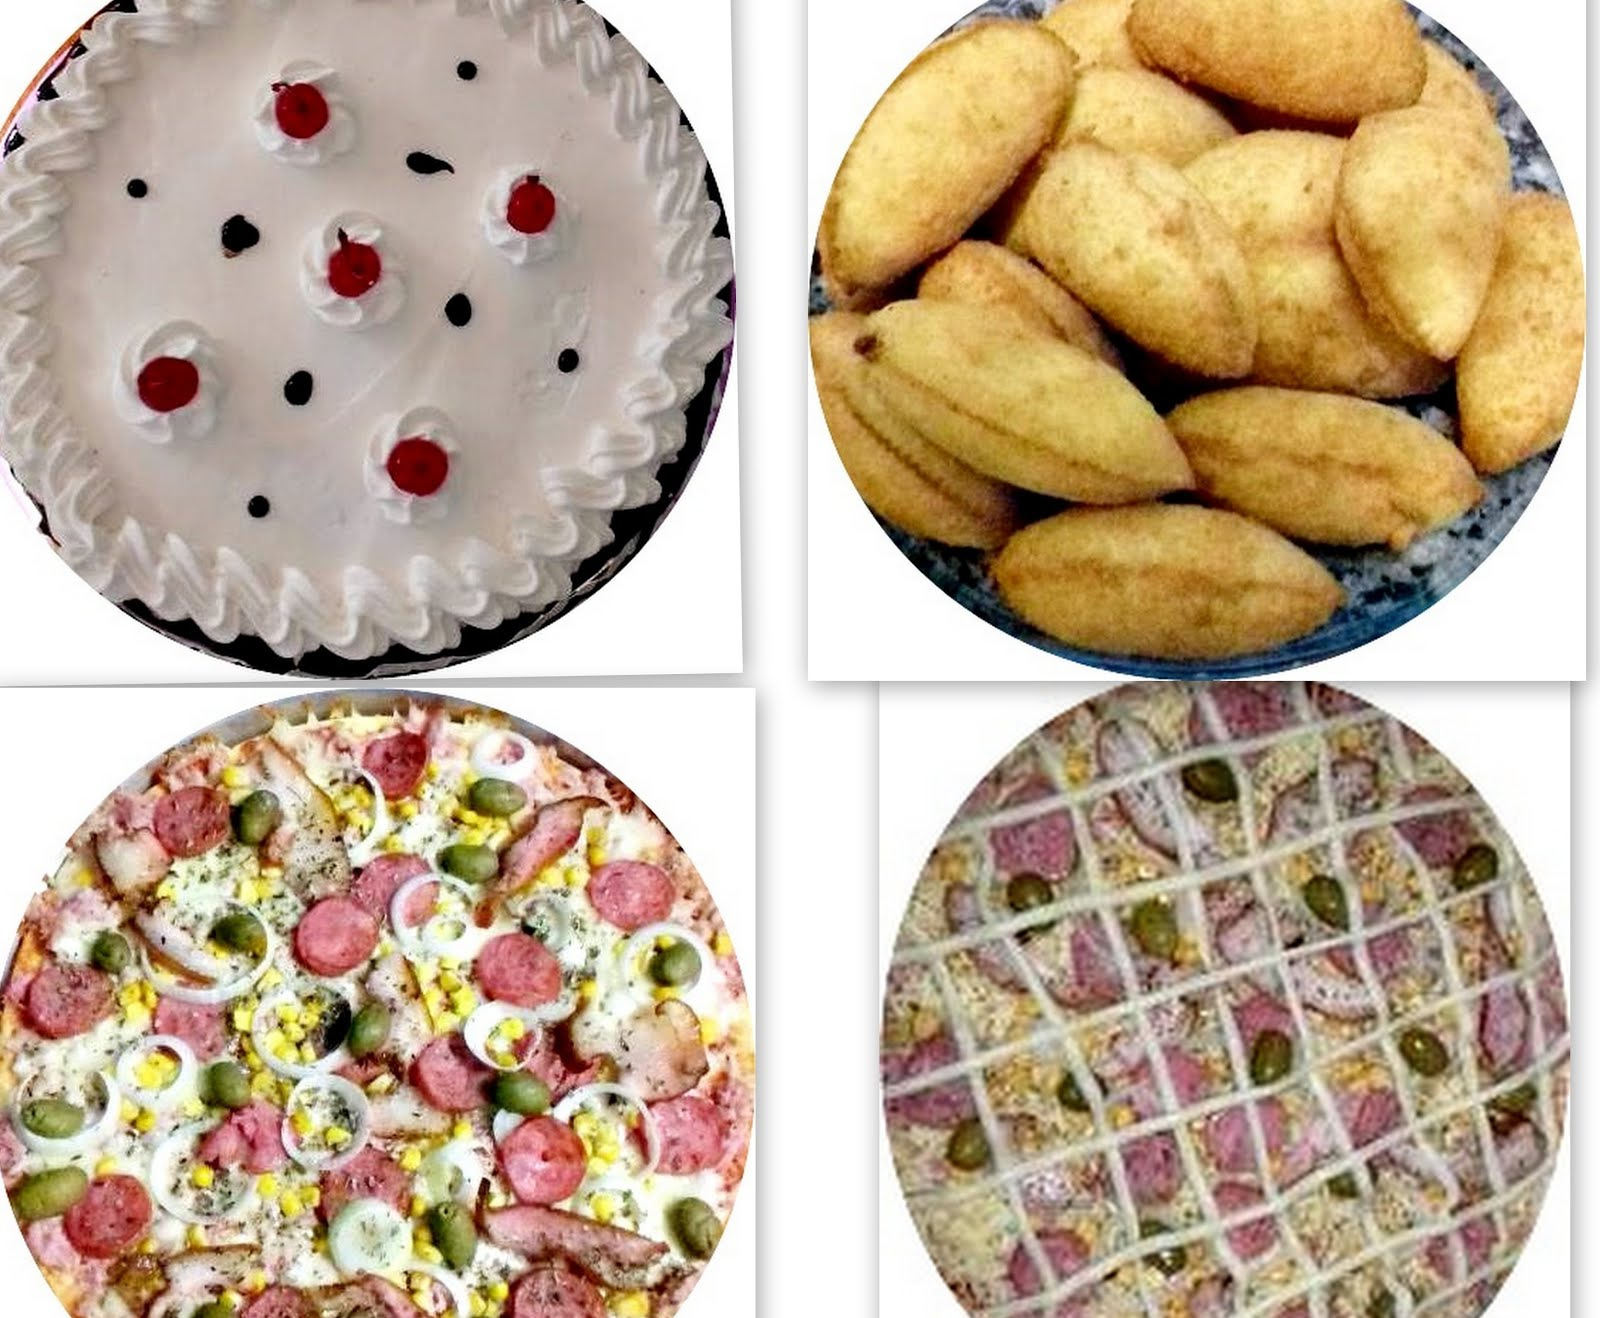 Encomenda de bolos & salgados